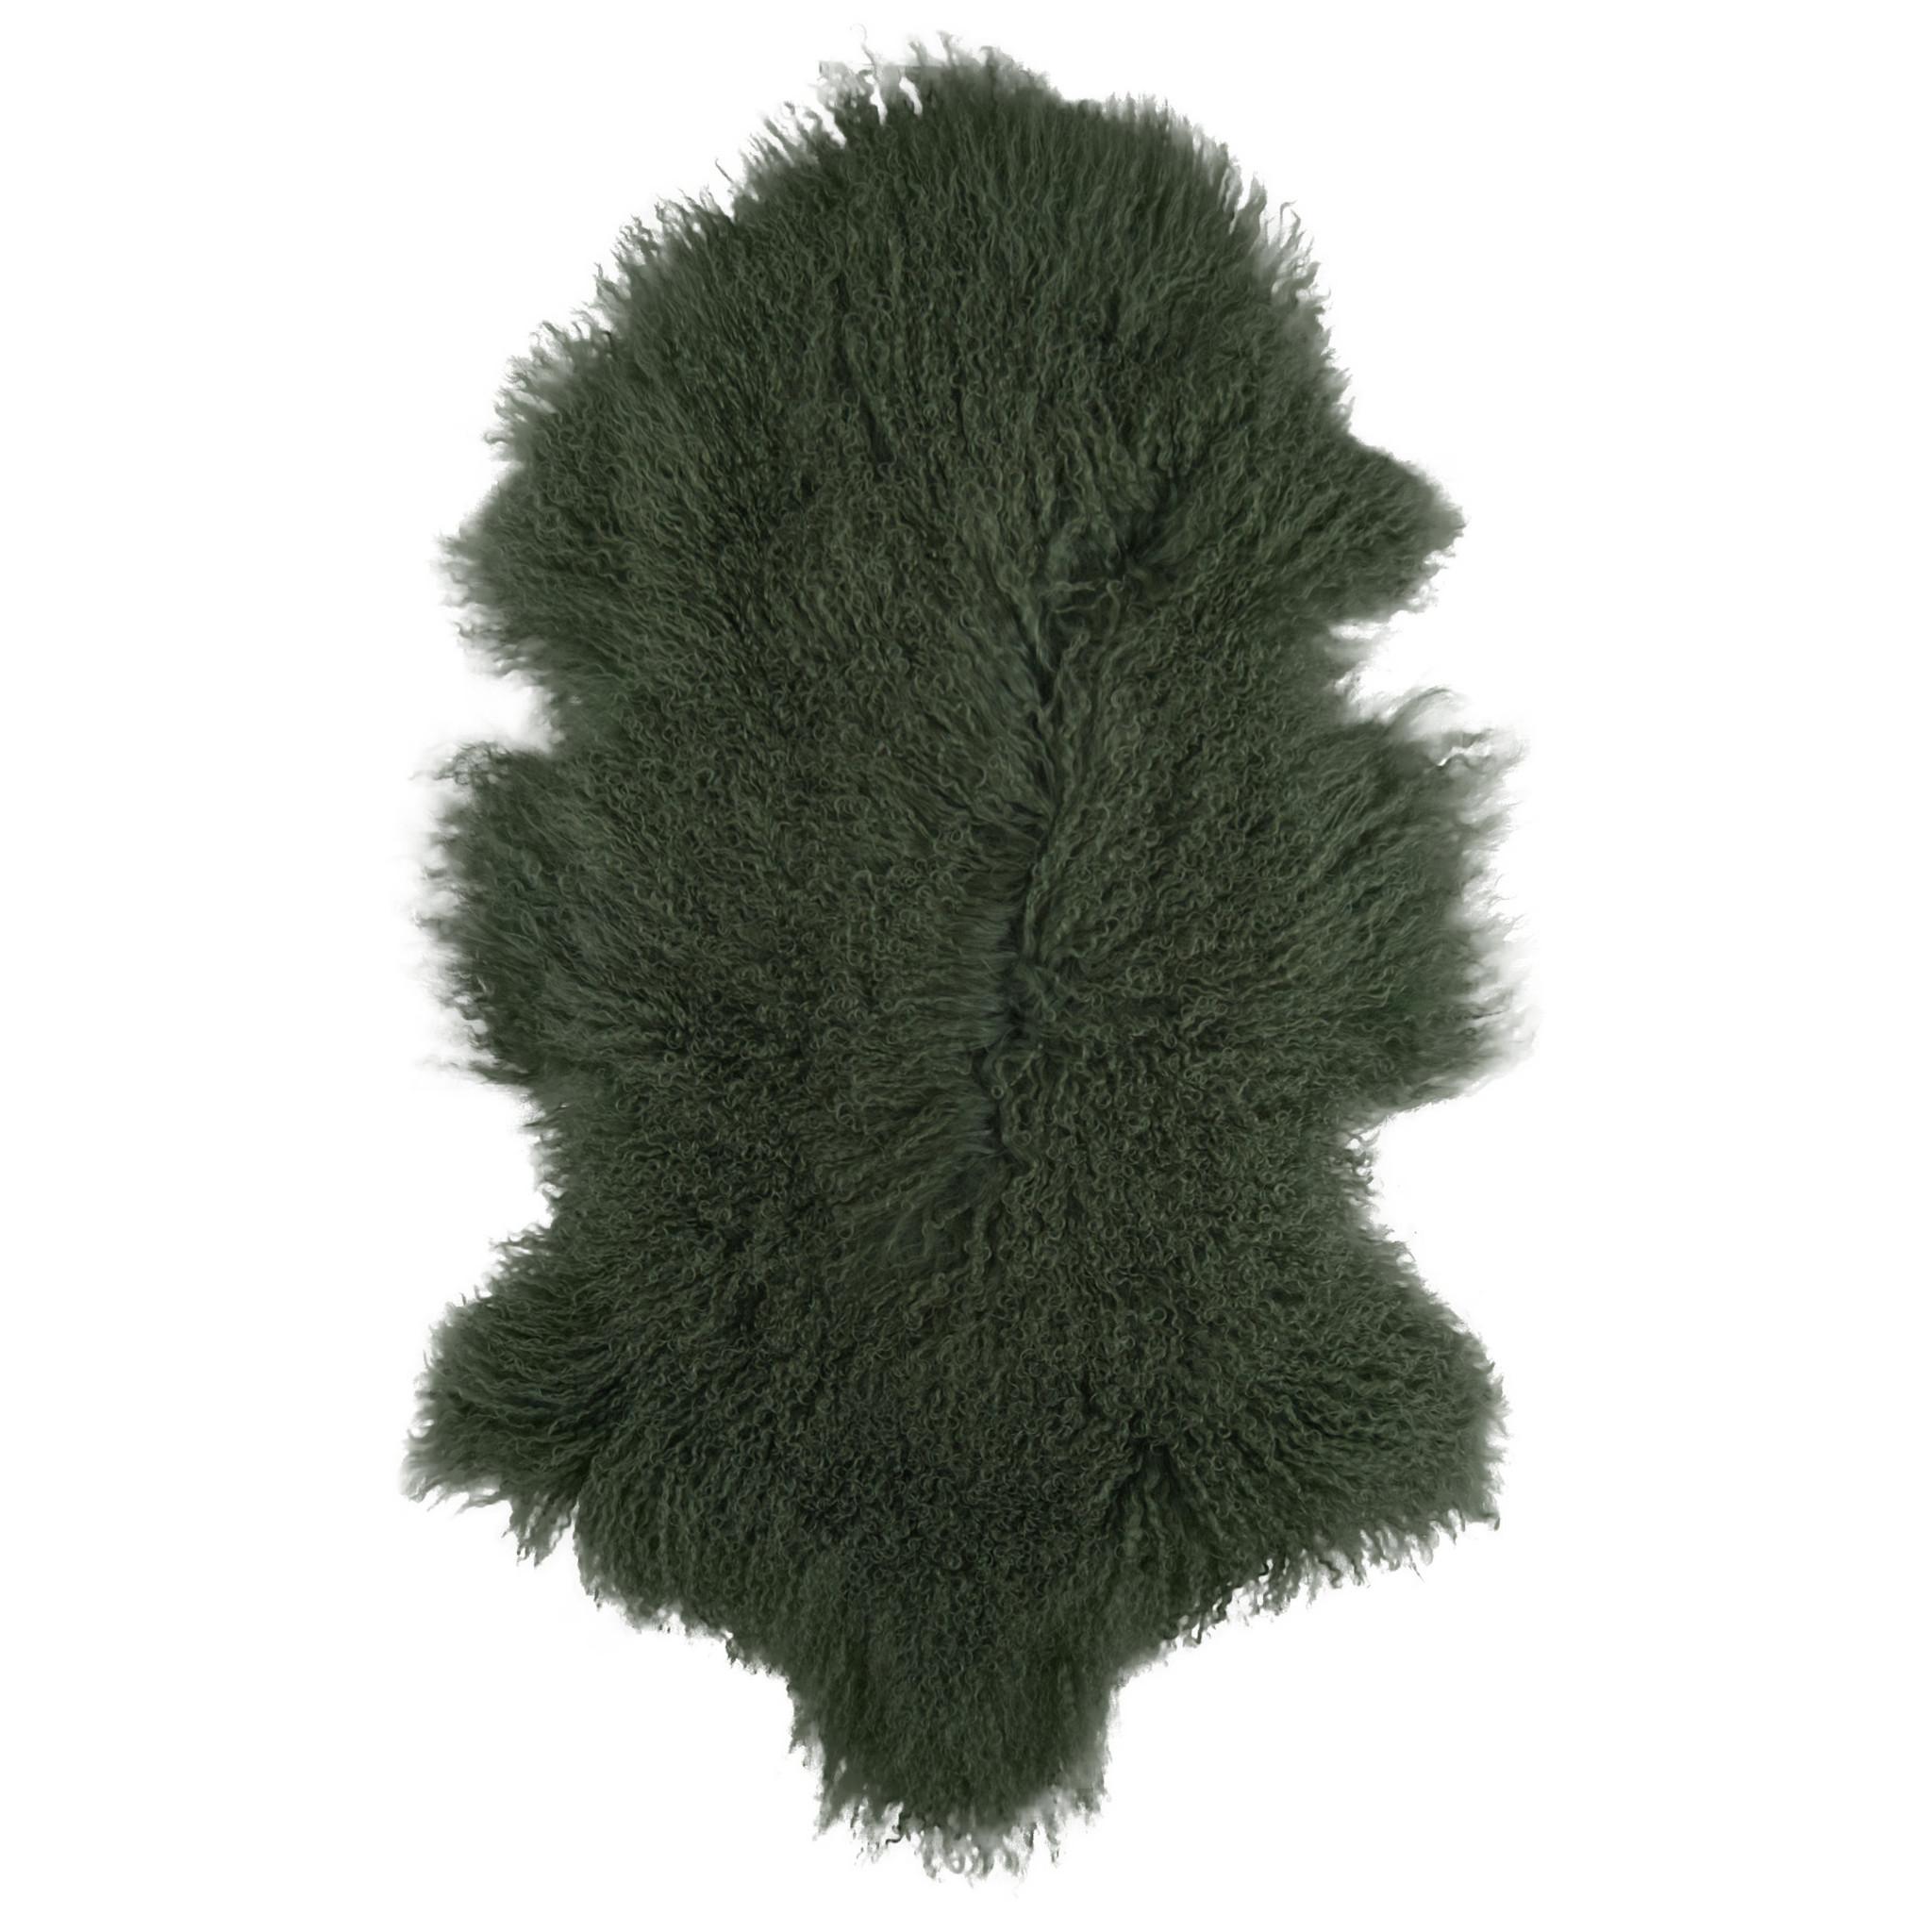 Van Buren Gras groen gekruld Tibet schapenvacht